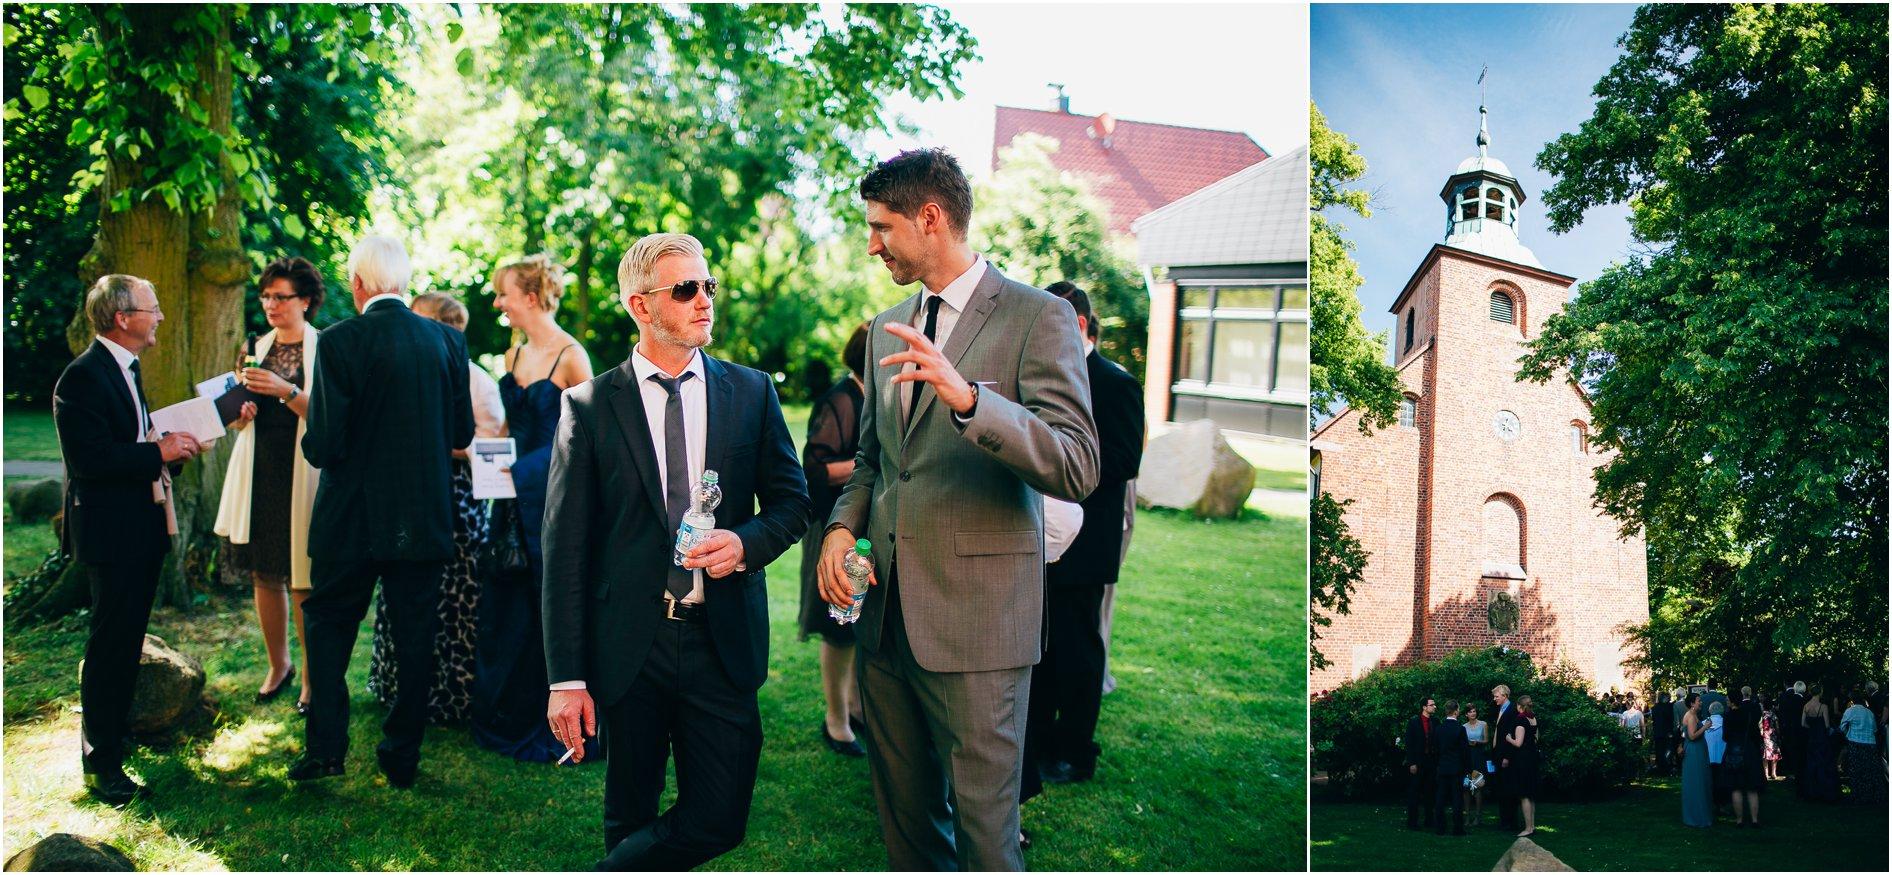 2014-08-07_0052 Wiebke und Marcio - Hochzeitsfotograf in Lüneburg